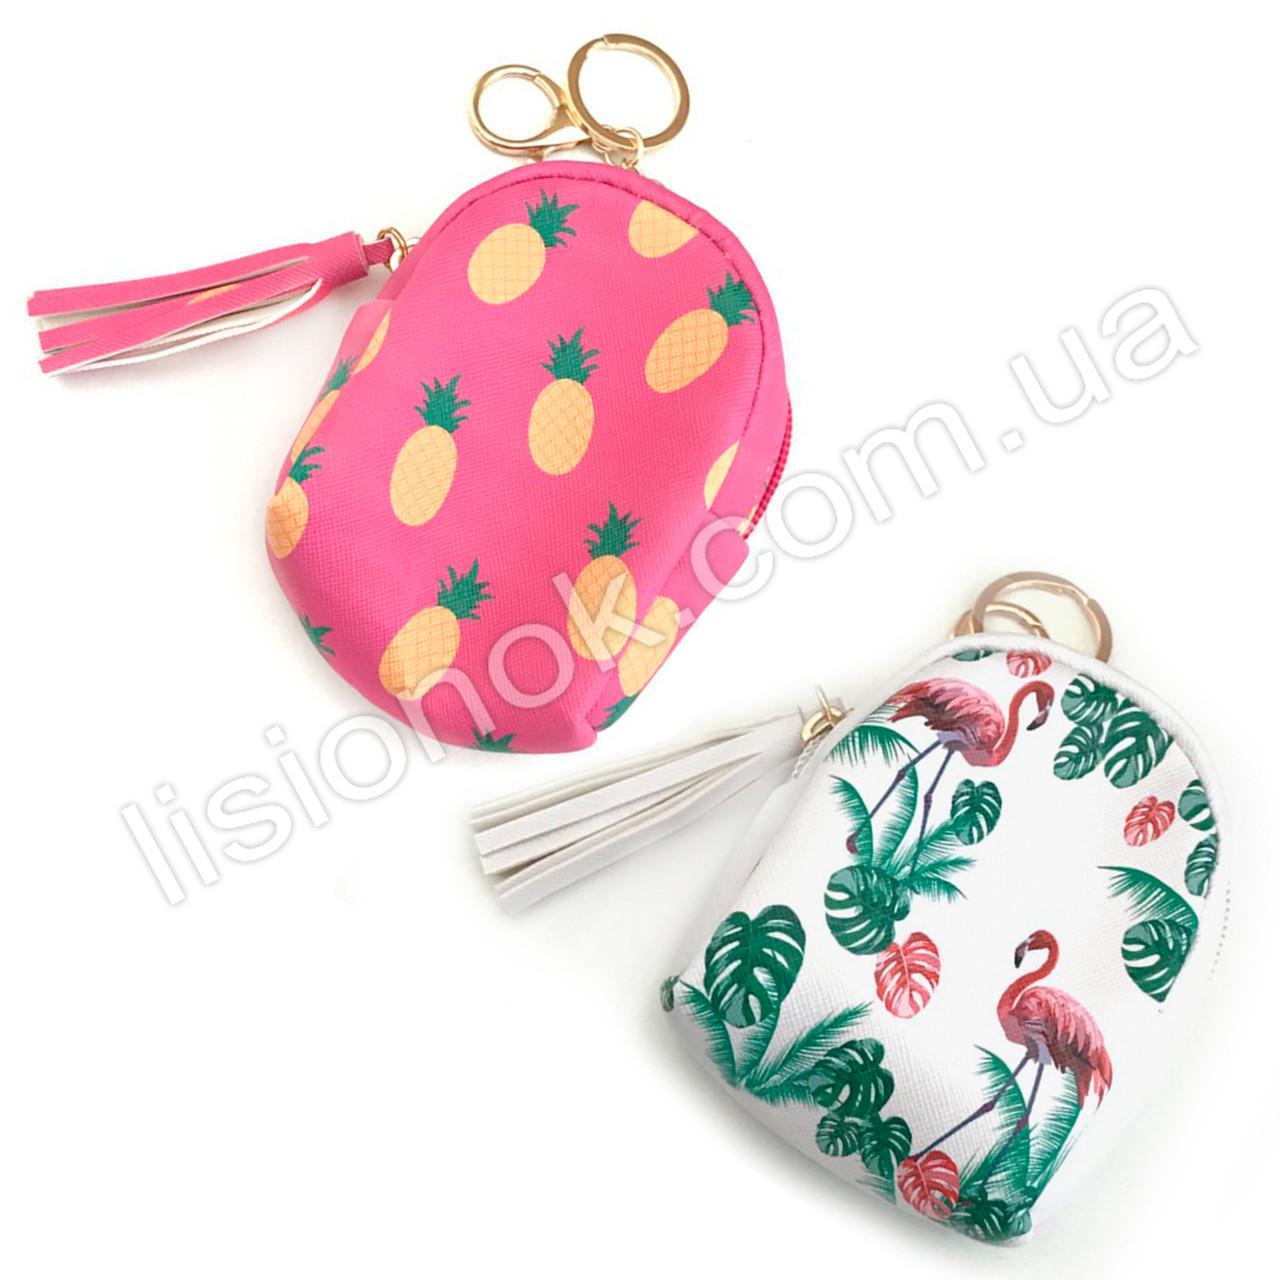 Детский кошелек-брелок в виде мини-рюкзака - стильный и удобный аксессуар